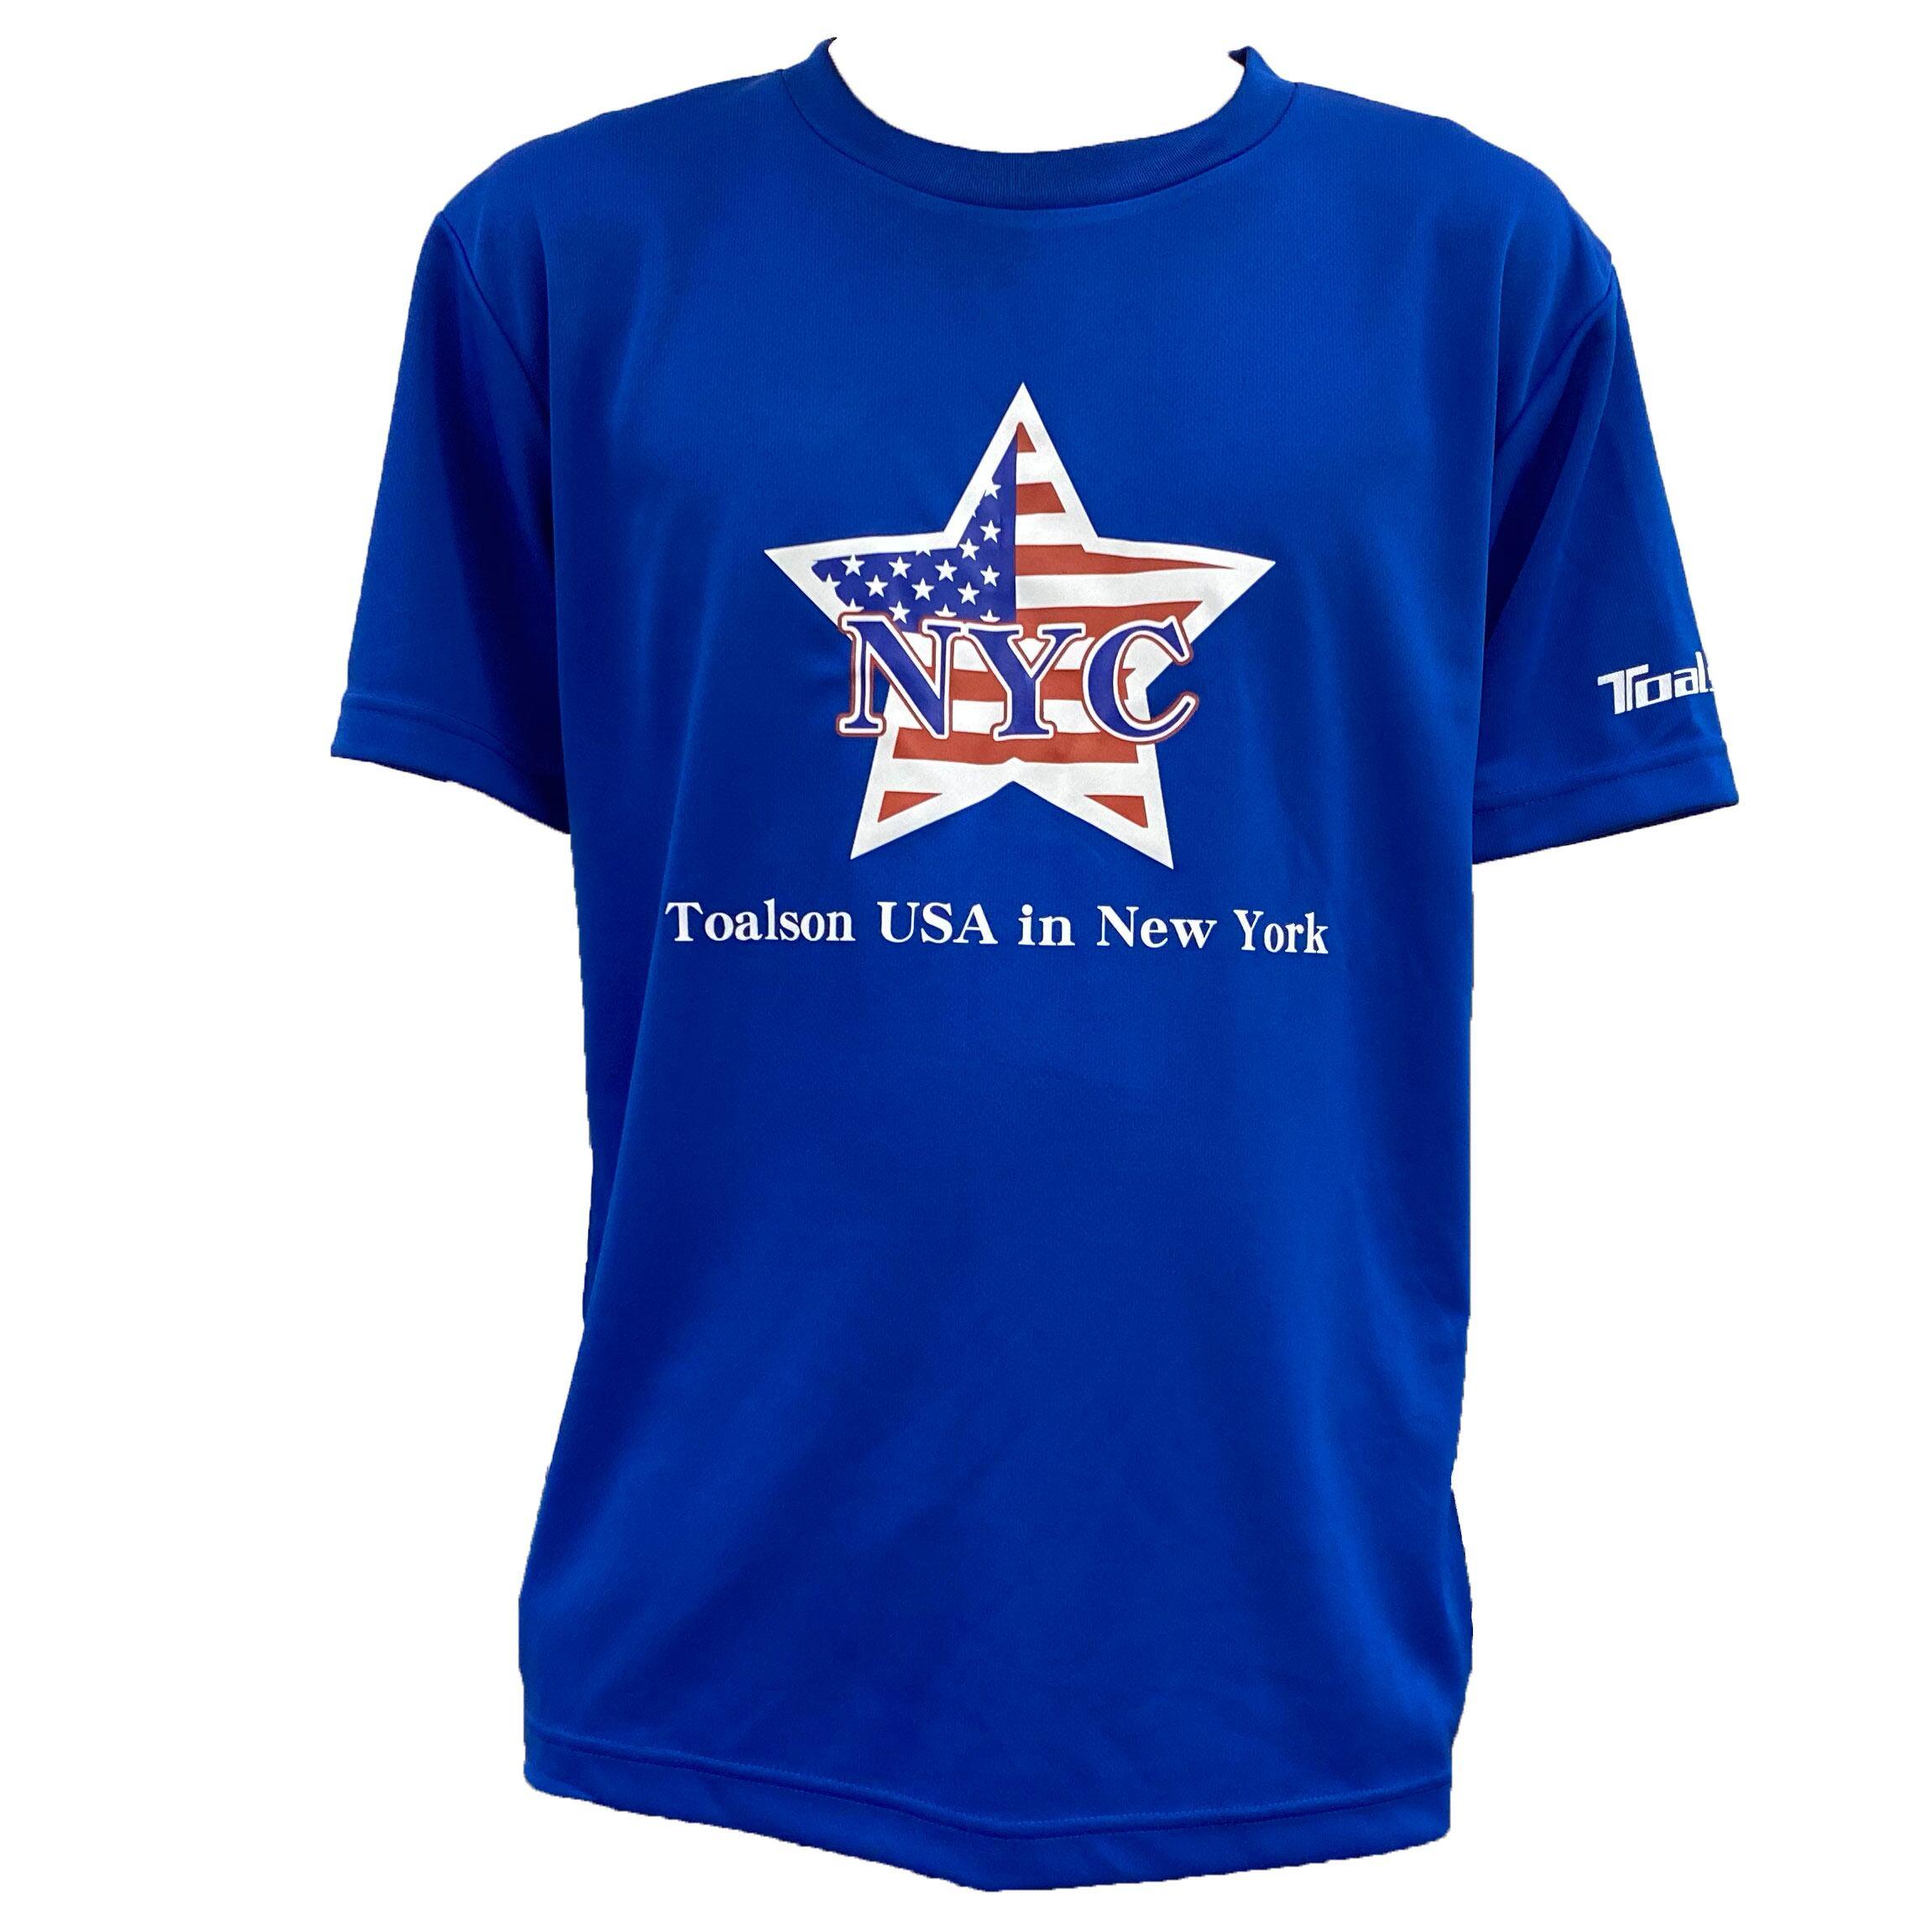 NYCTシャツ(ロイヤルブルー)【1ET1913】